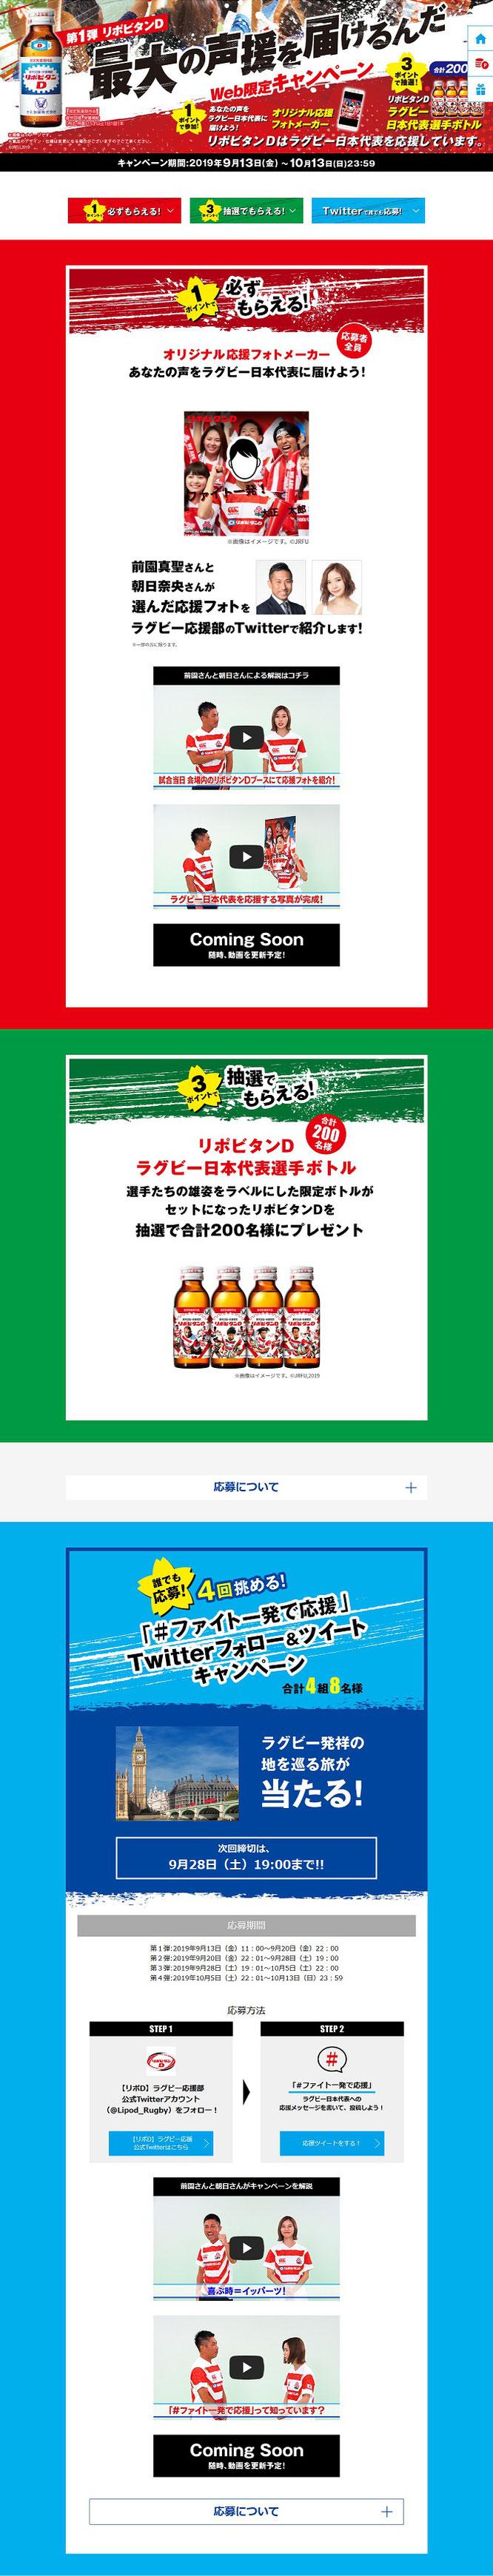 【大正製薬】リポビタンD ラグビー日本代表を応援しようキャンペーン